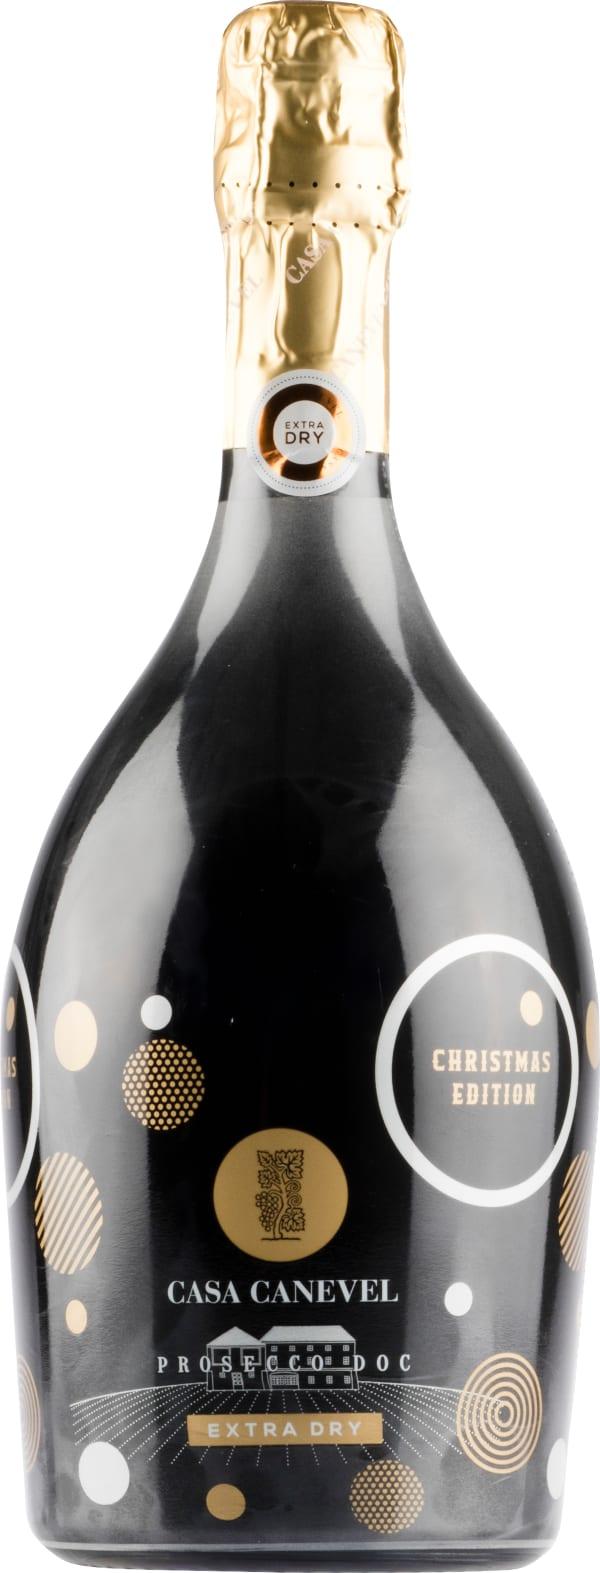 Casa Canevel Christmas Edition Prosecco Extra Dry